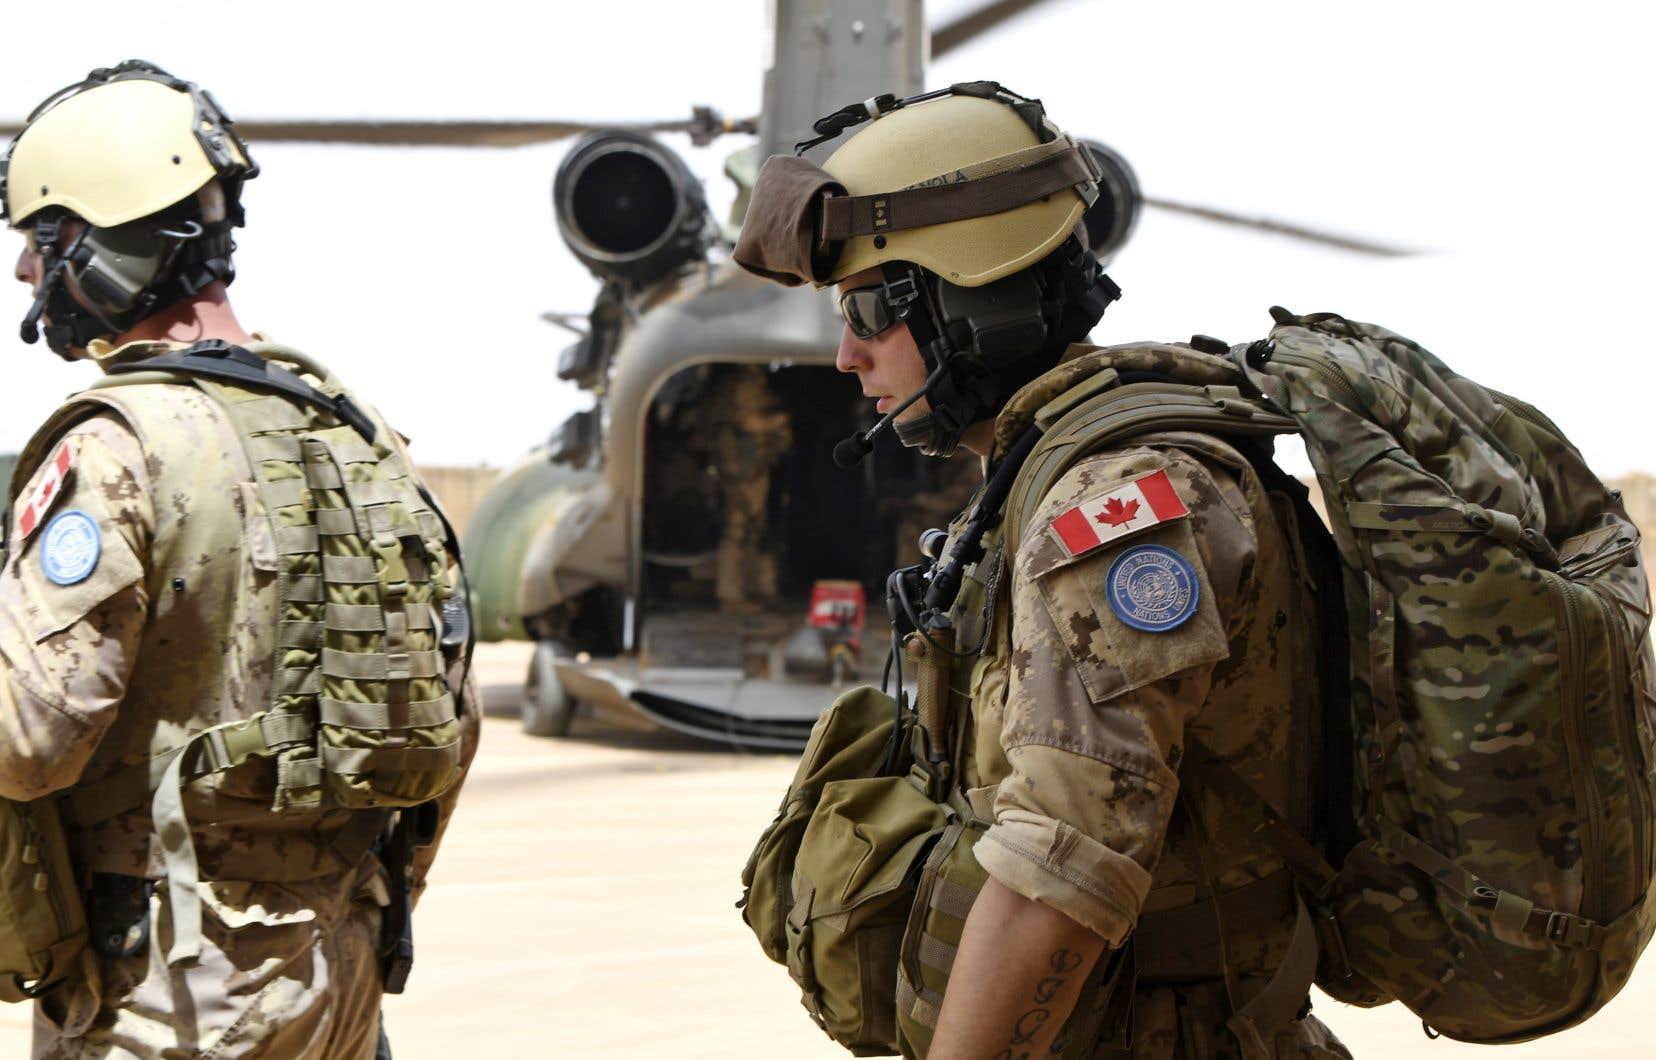 Des soldats canadiens se préparent à quitter la base de Gao pour participer à une mission de stabilisation de l'ONU. L'engagement envers ces «missions de paix» a pris près de trois ans à se concrétiser par l'envoi au Mali de 250 militaires canadiens, rappellent les auteurs.